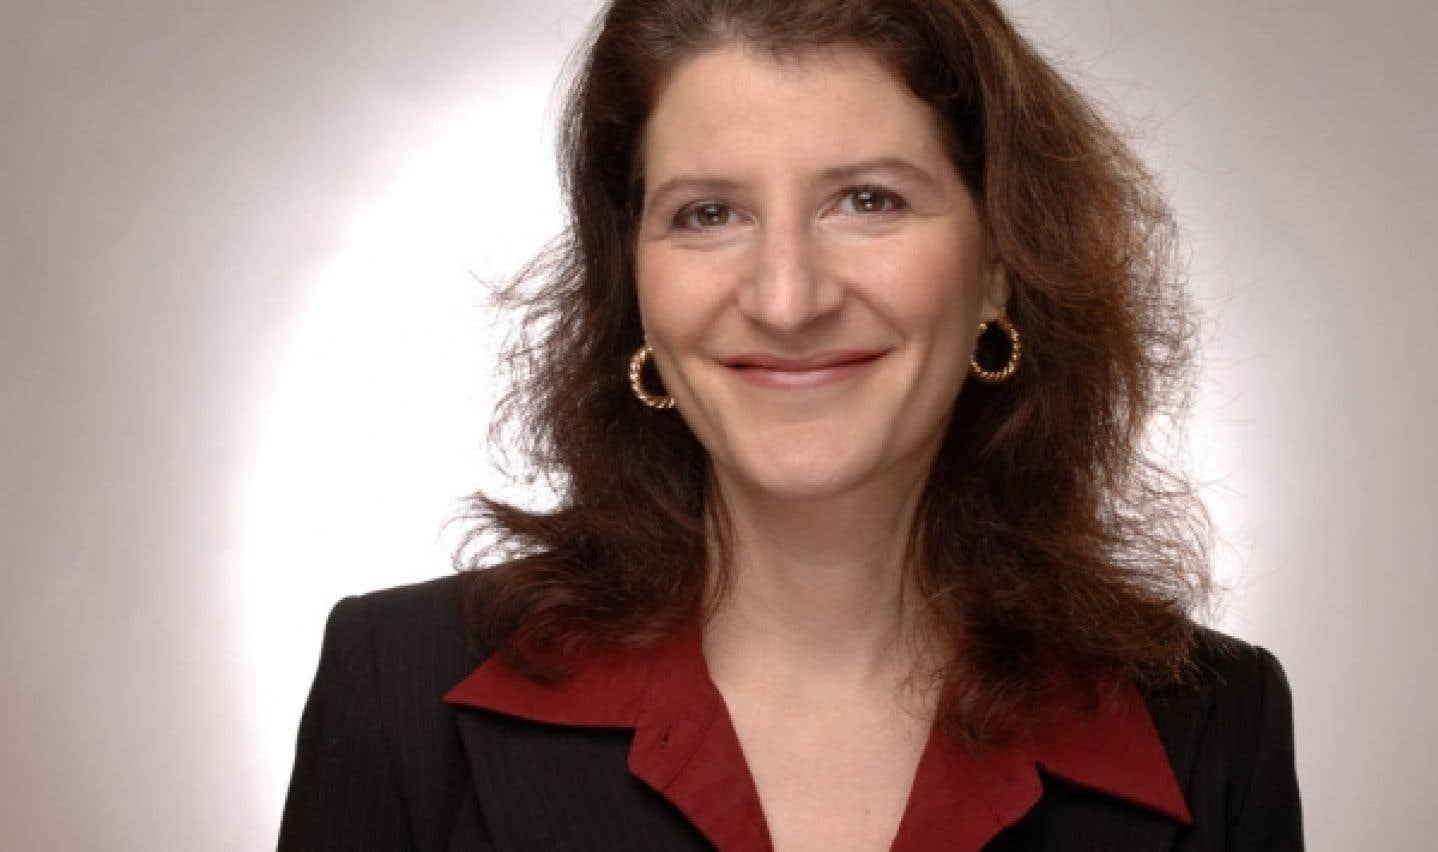 Corinne Gendron et l'économie verte - L'hypothèse Porter, vous connaissez?